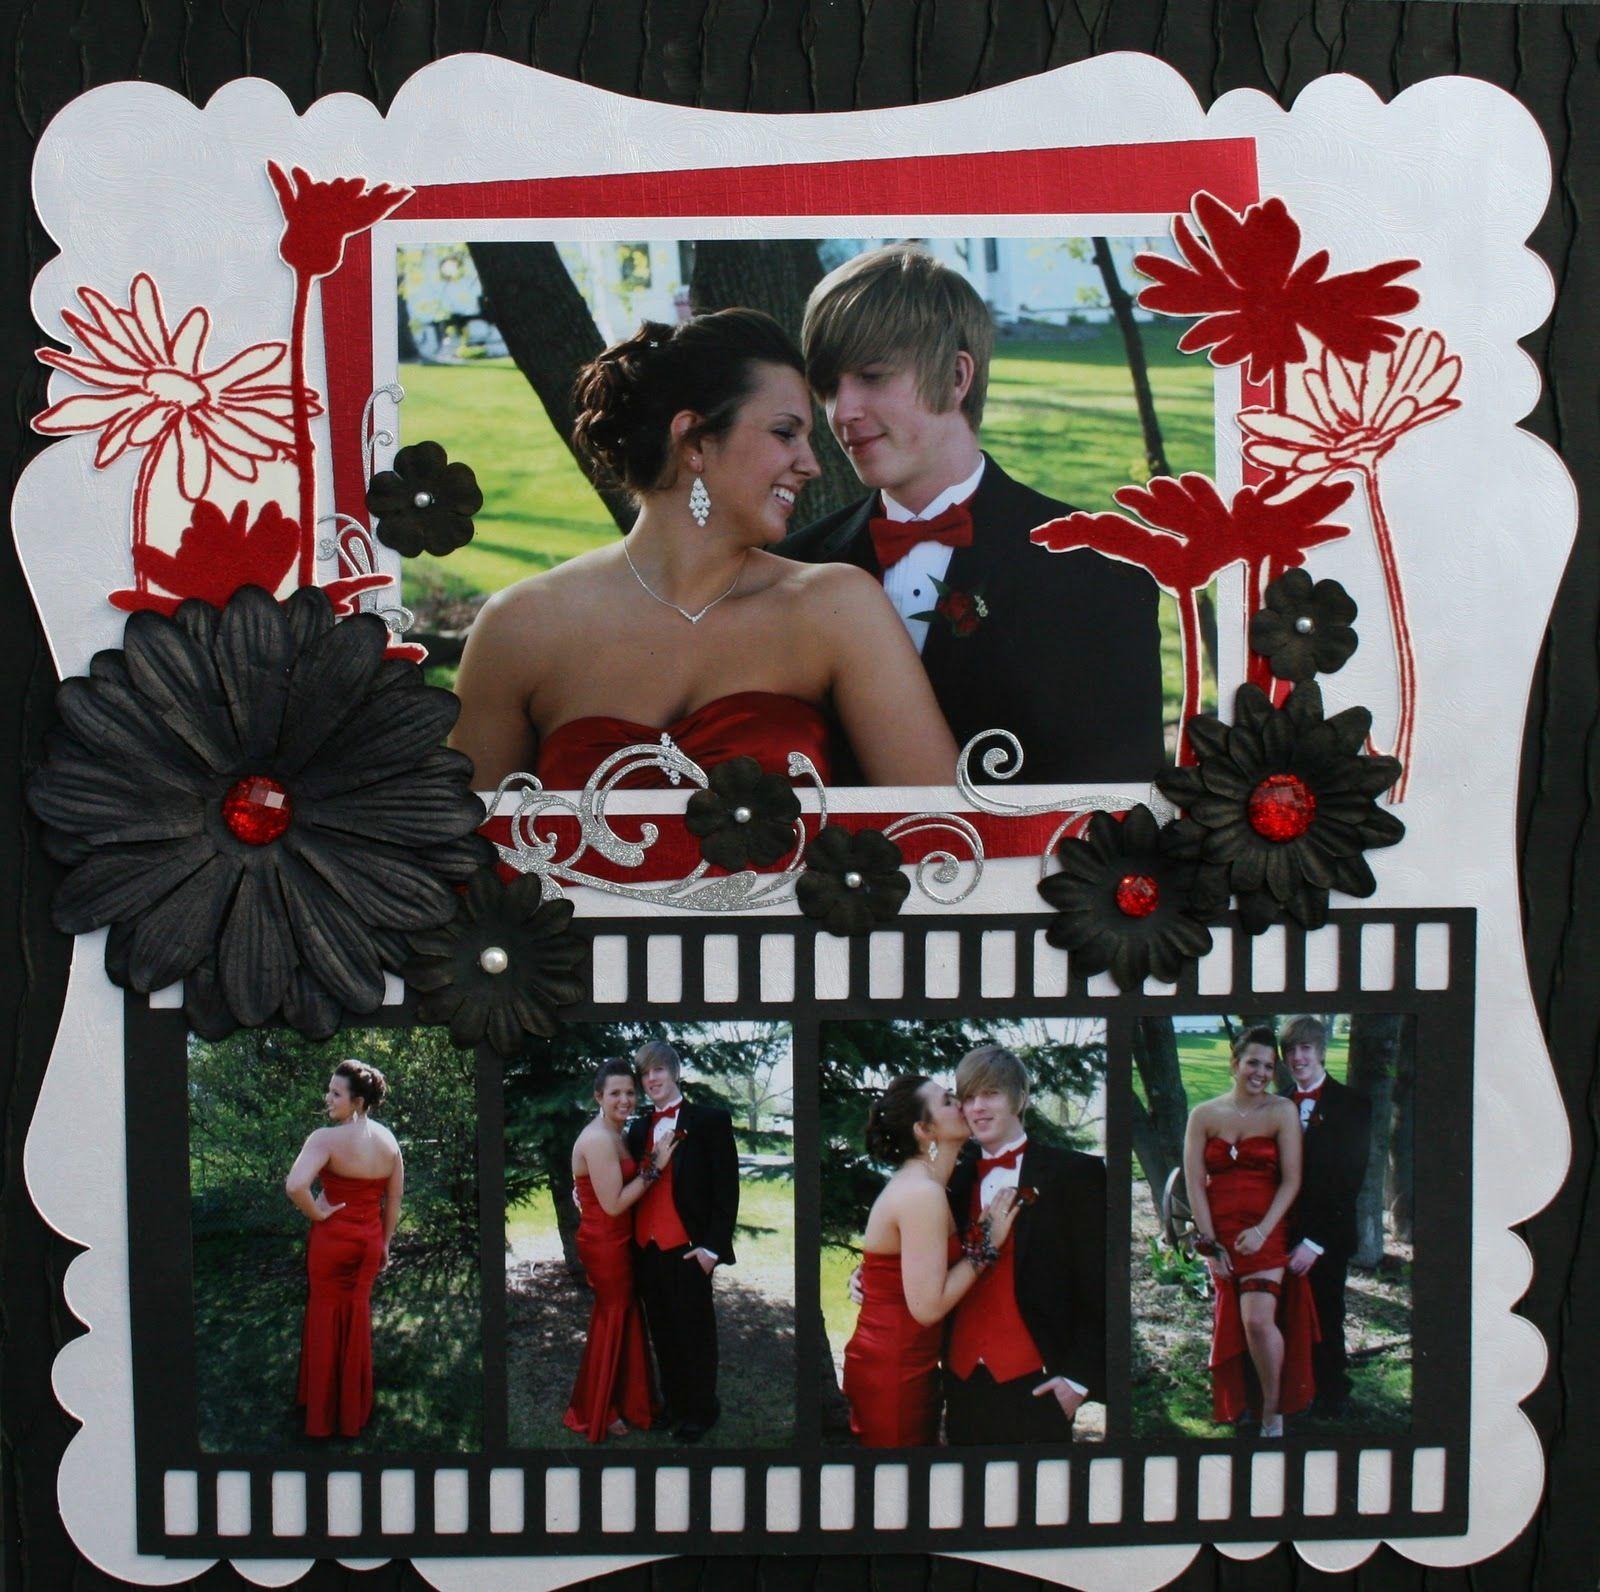 Scrapbook ideas high school - Wedding Scrapbook Layouts Scrapbooking Layouts Graduation Scrapbook Prom Scrapbook Layouts High Schools Homecoming Scrapbook Pages Prom Scrapbook Ideas